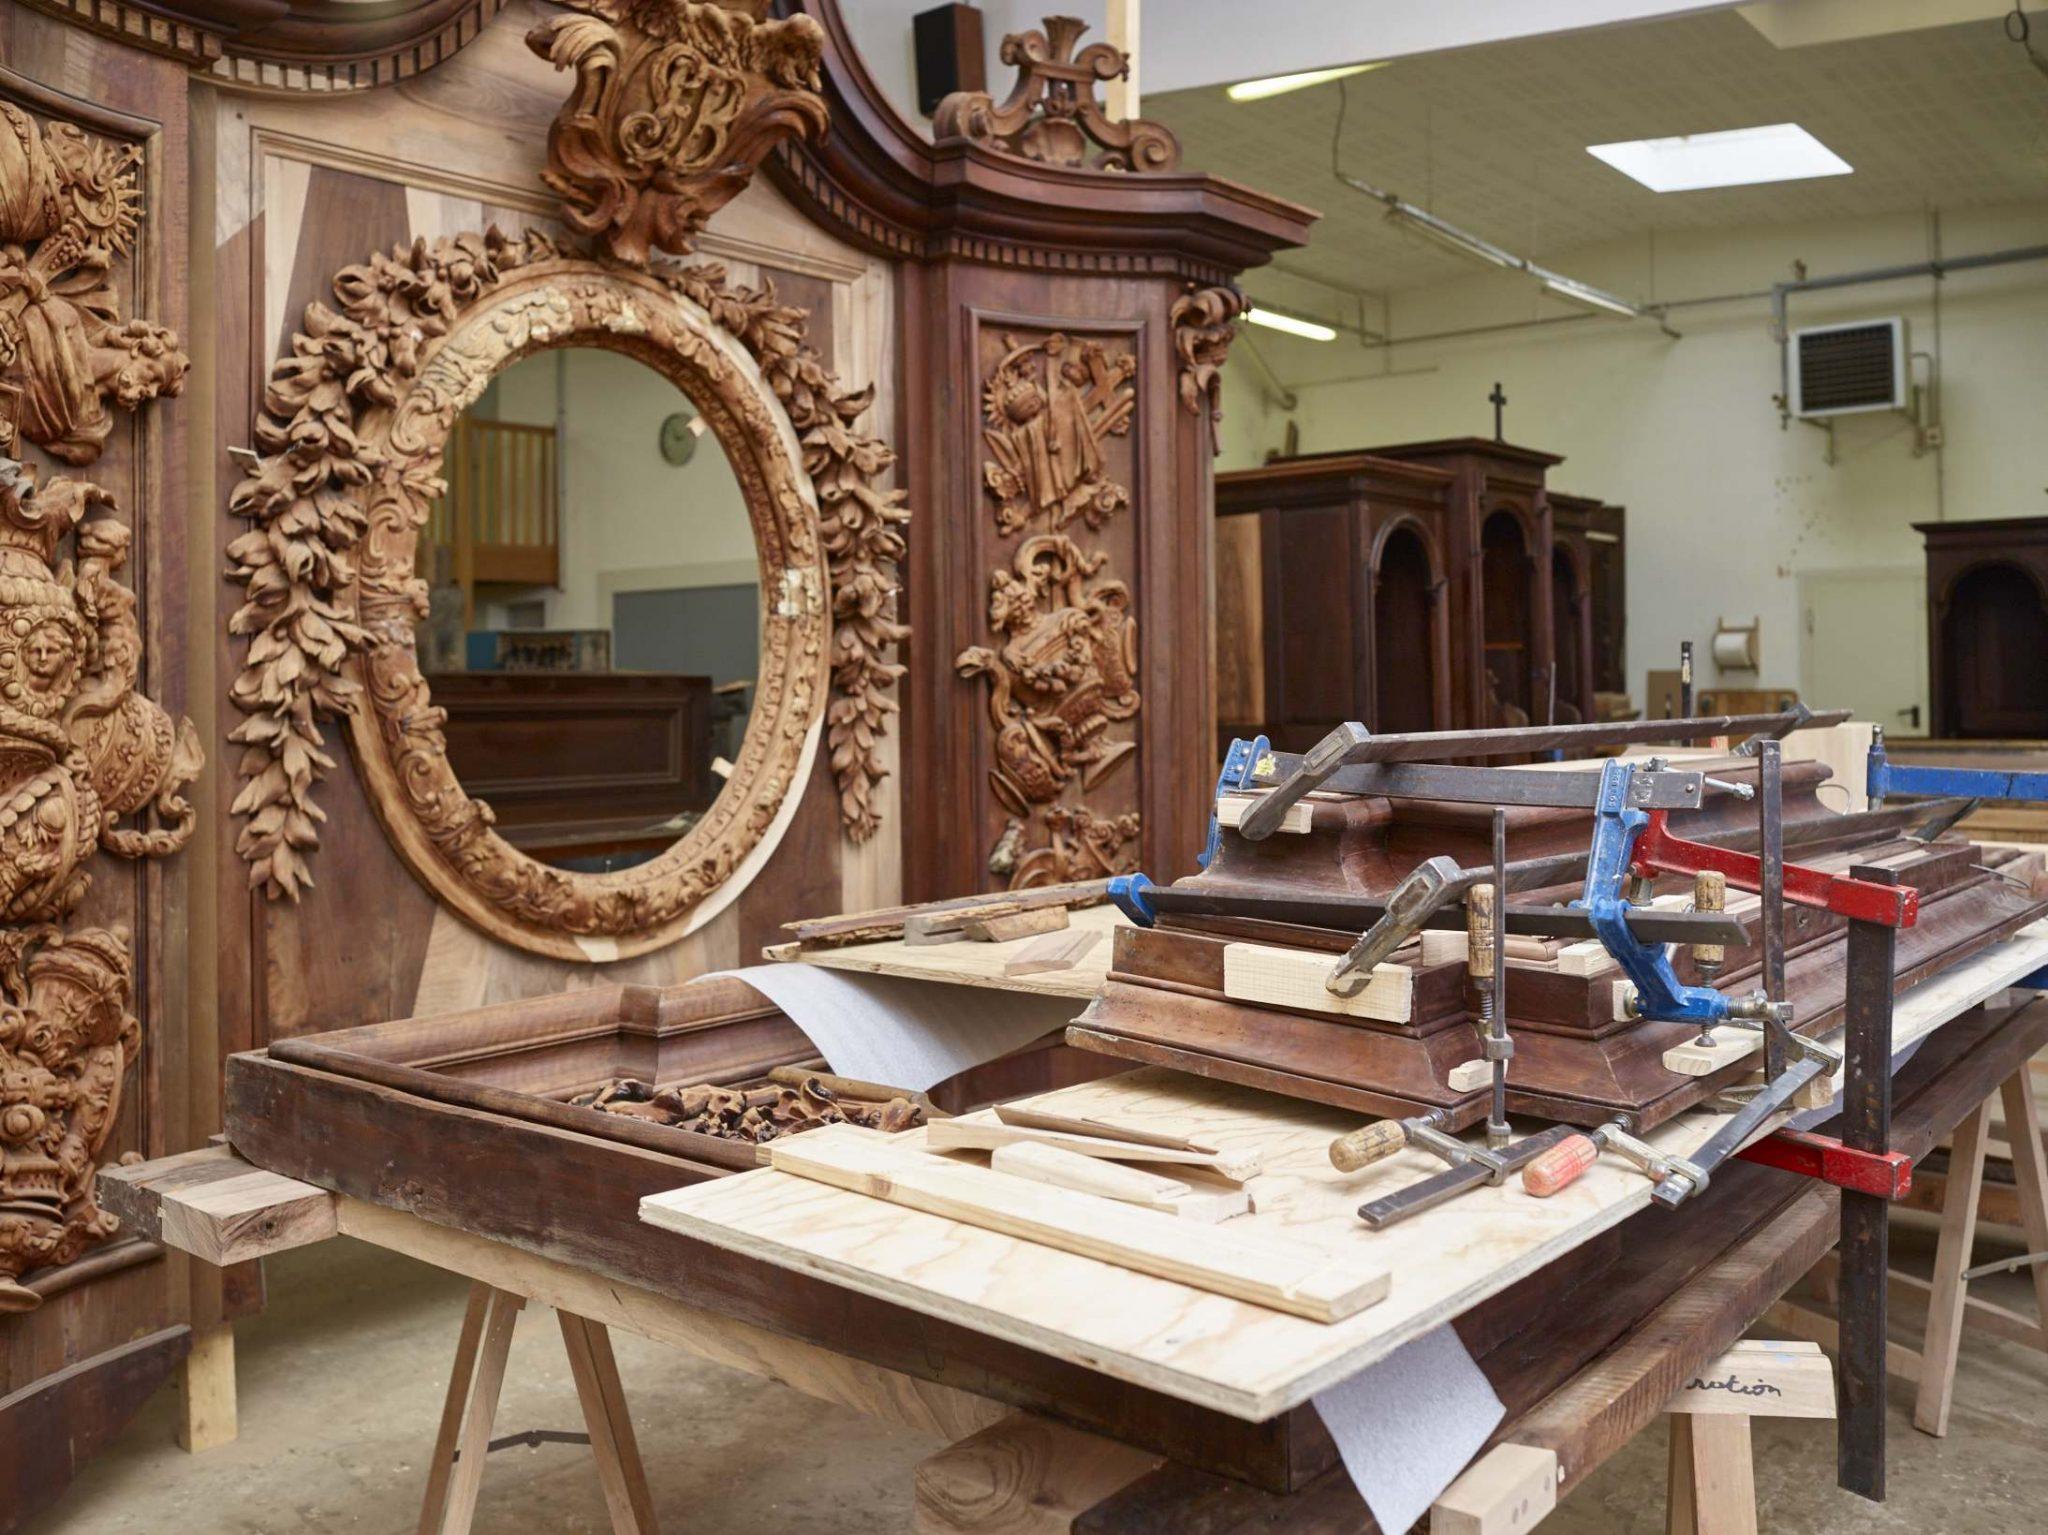 Les Ateliers de la Chapelle - Bordeaux - Eglise Saint-Paul - Restauration du retable du Sacré-Coeur - En cours d'intervention en atelier